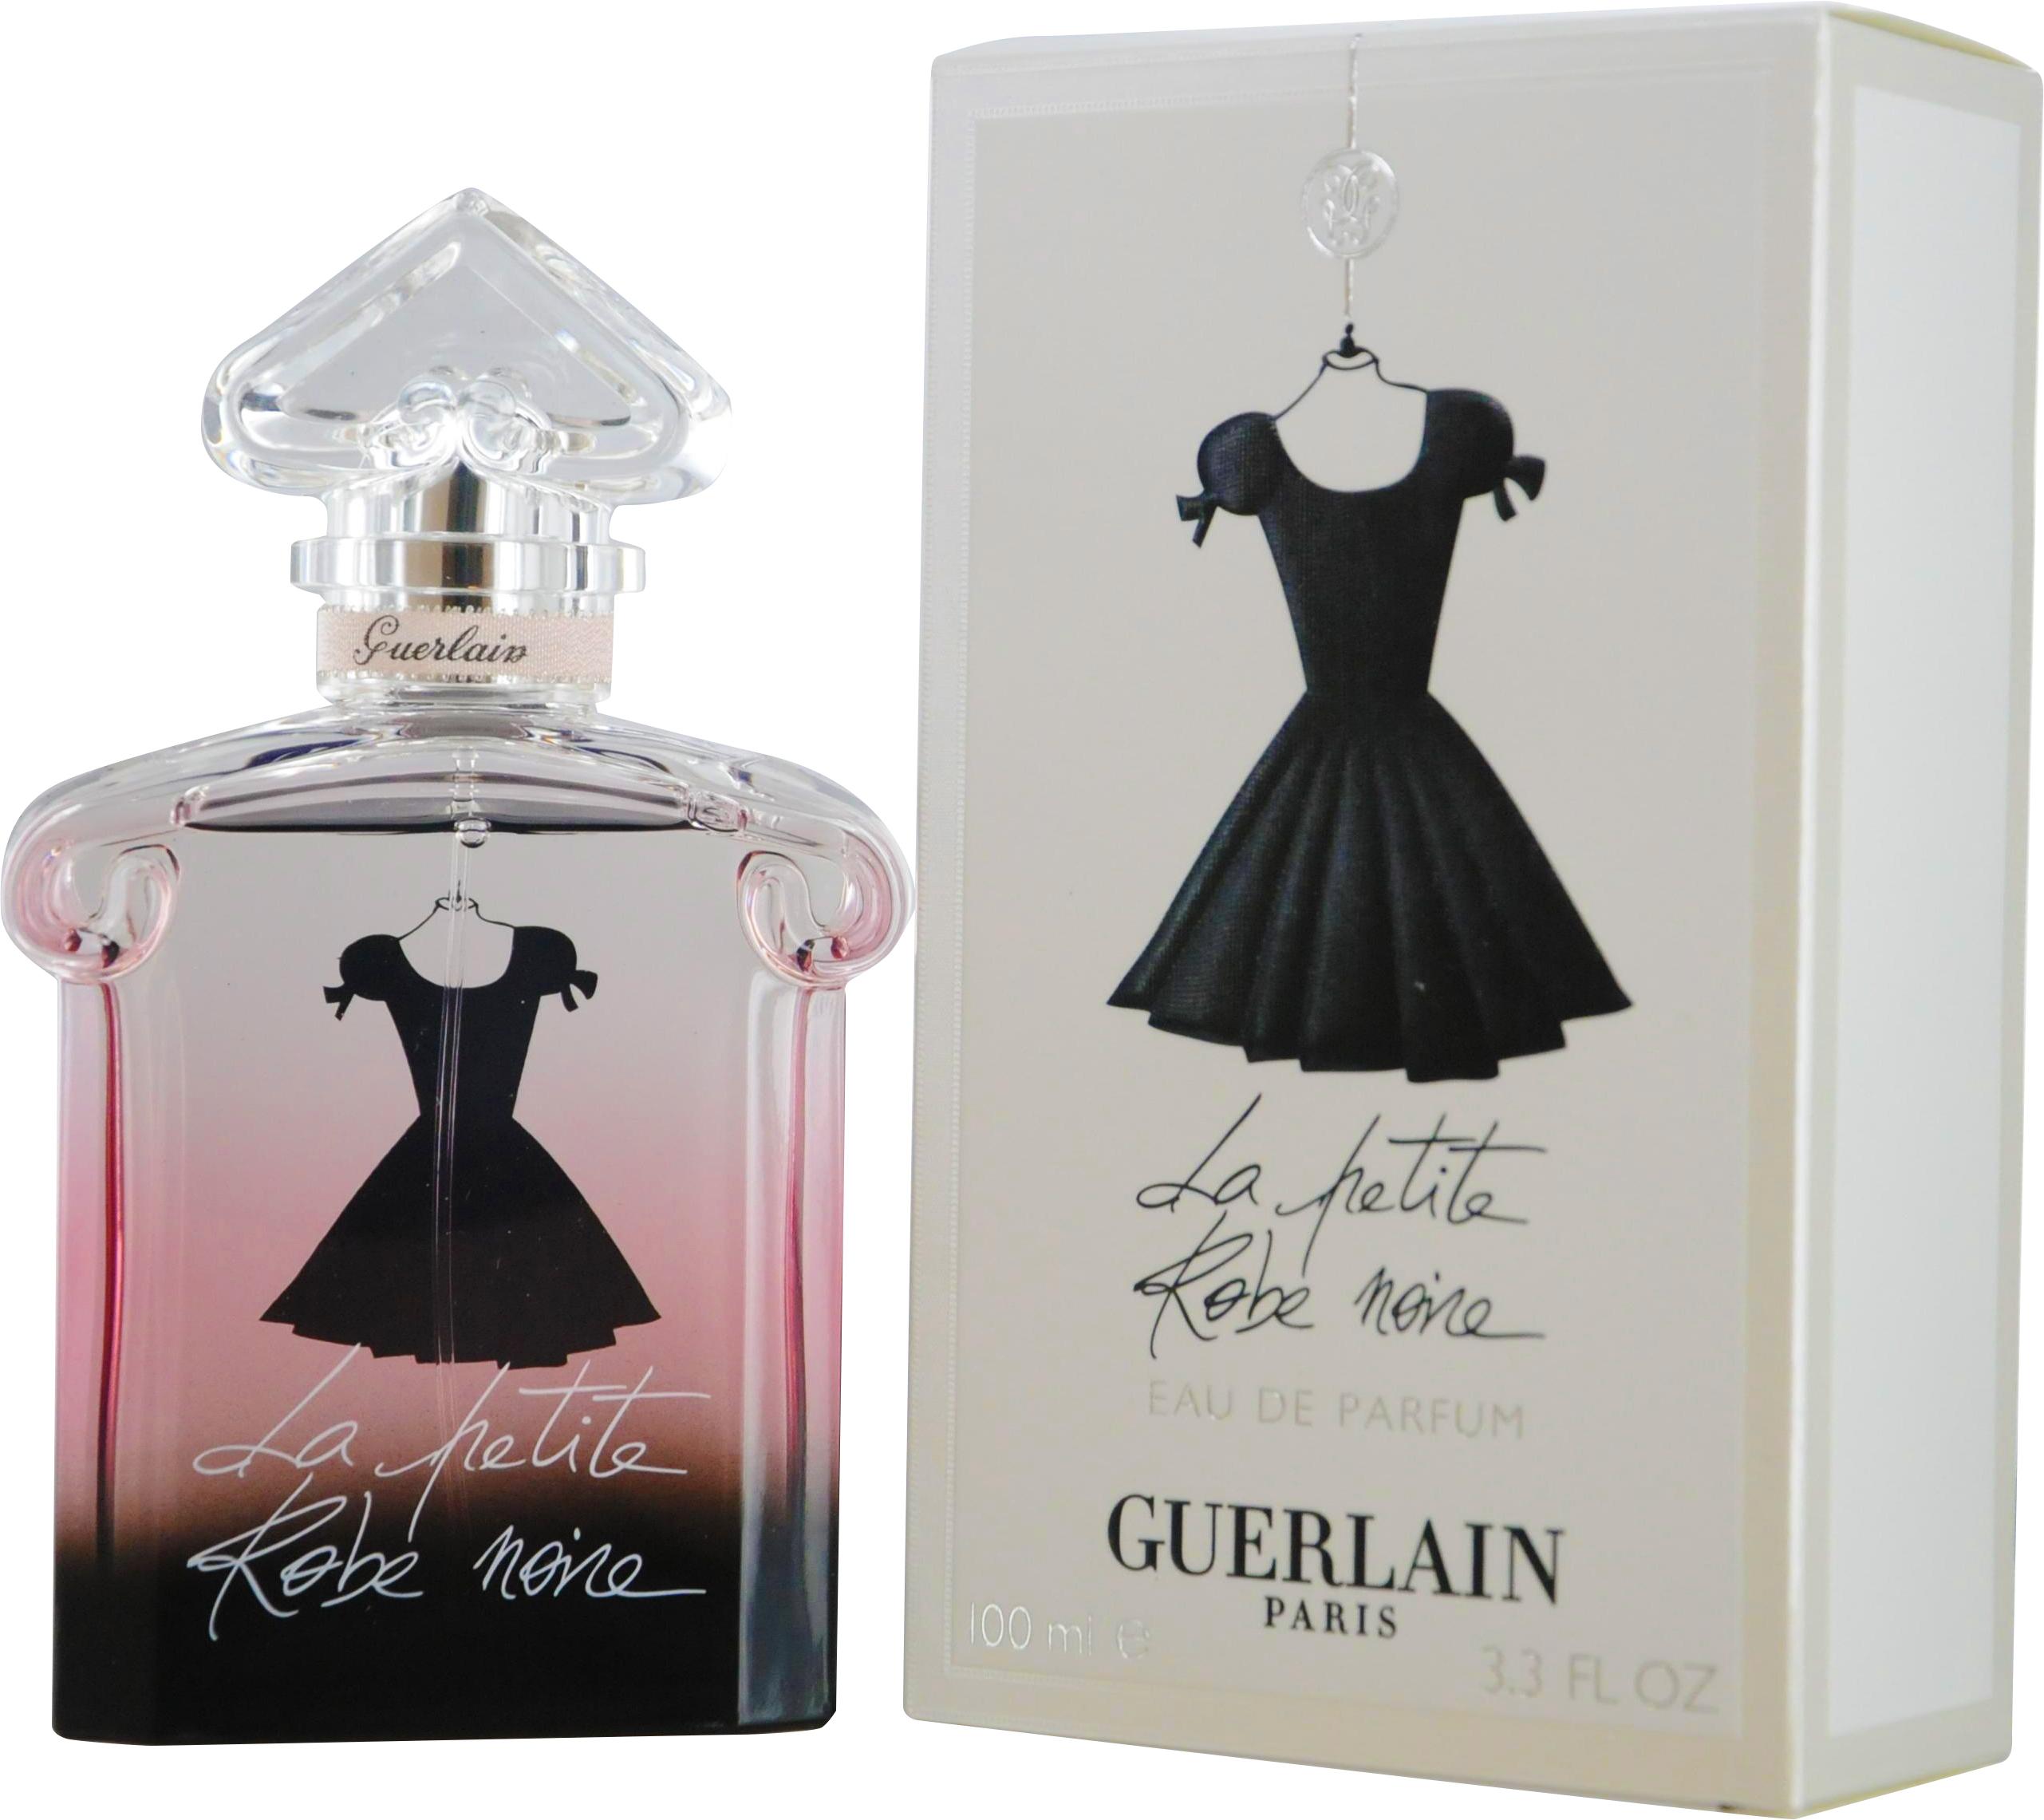 Ma petite robe noire guerlain pas cher